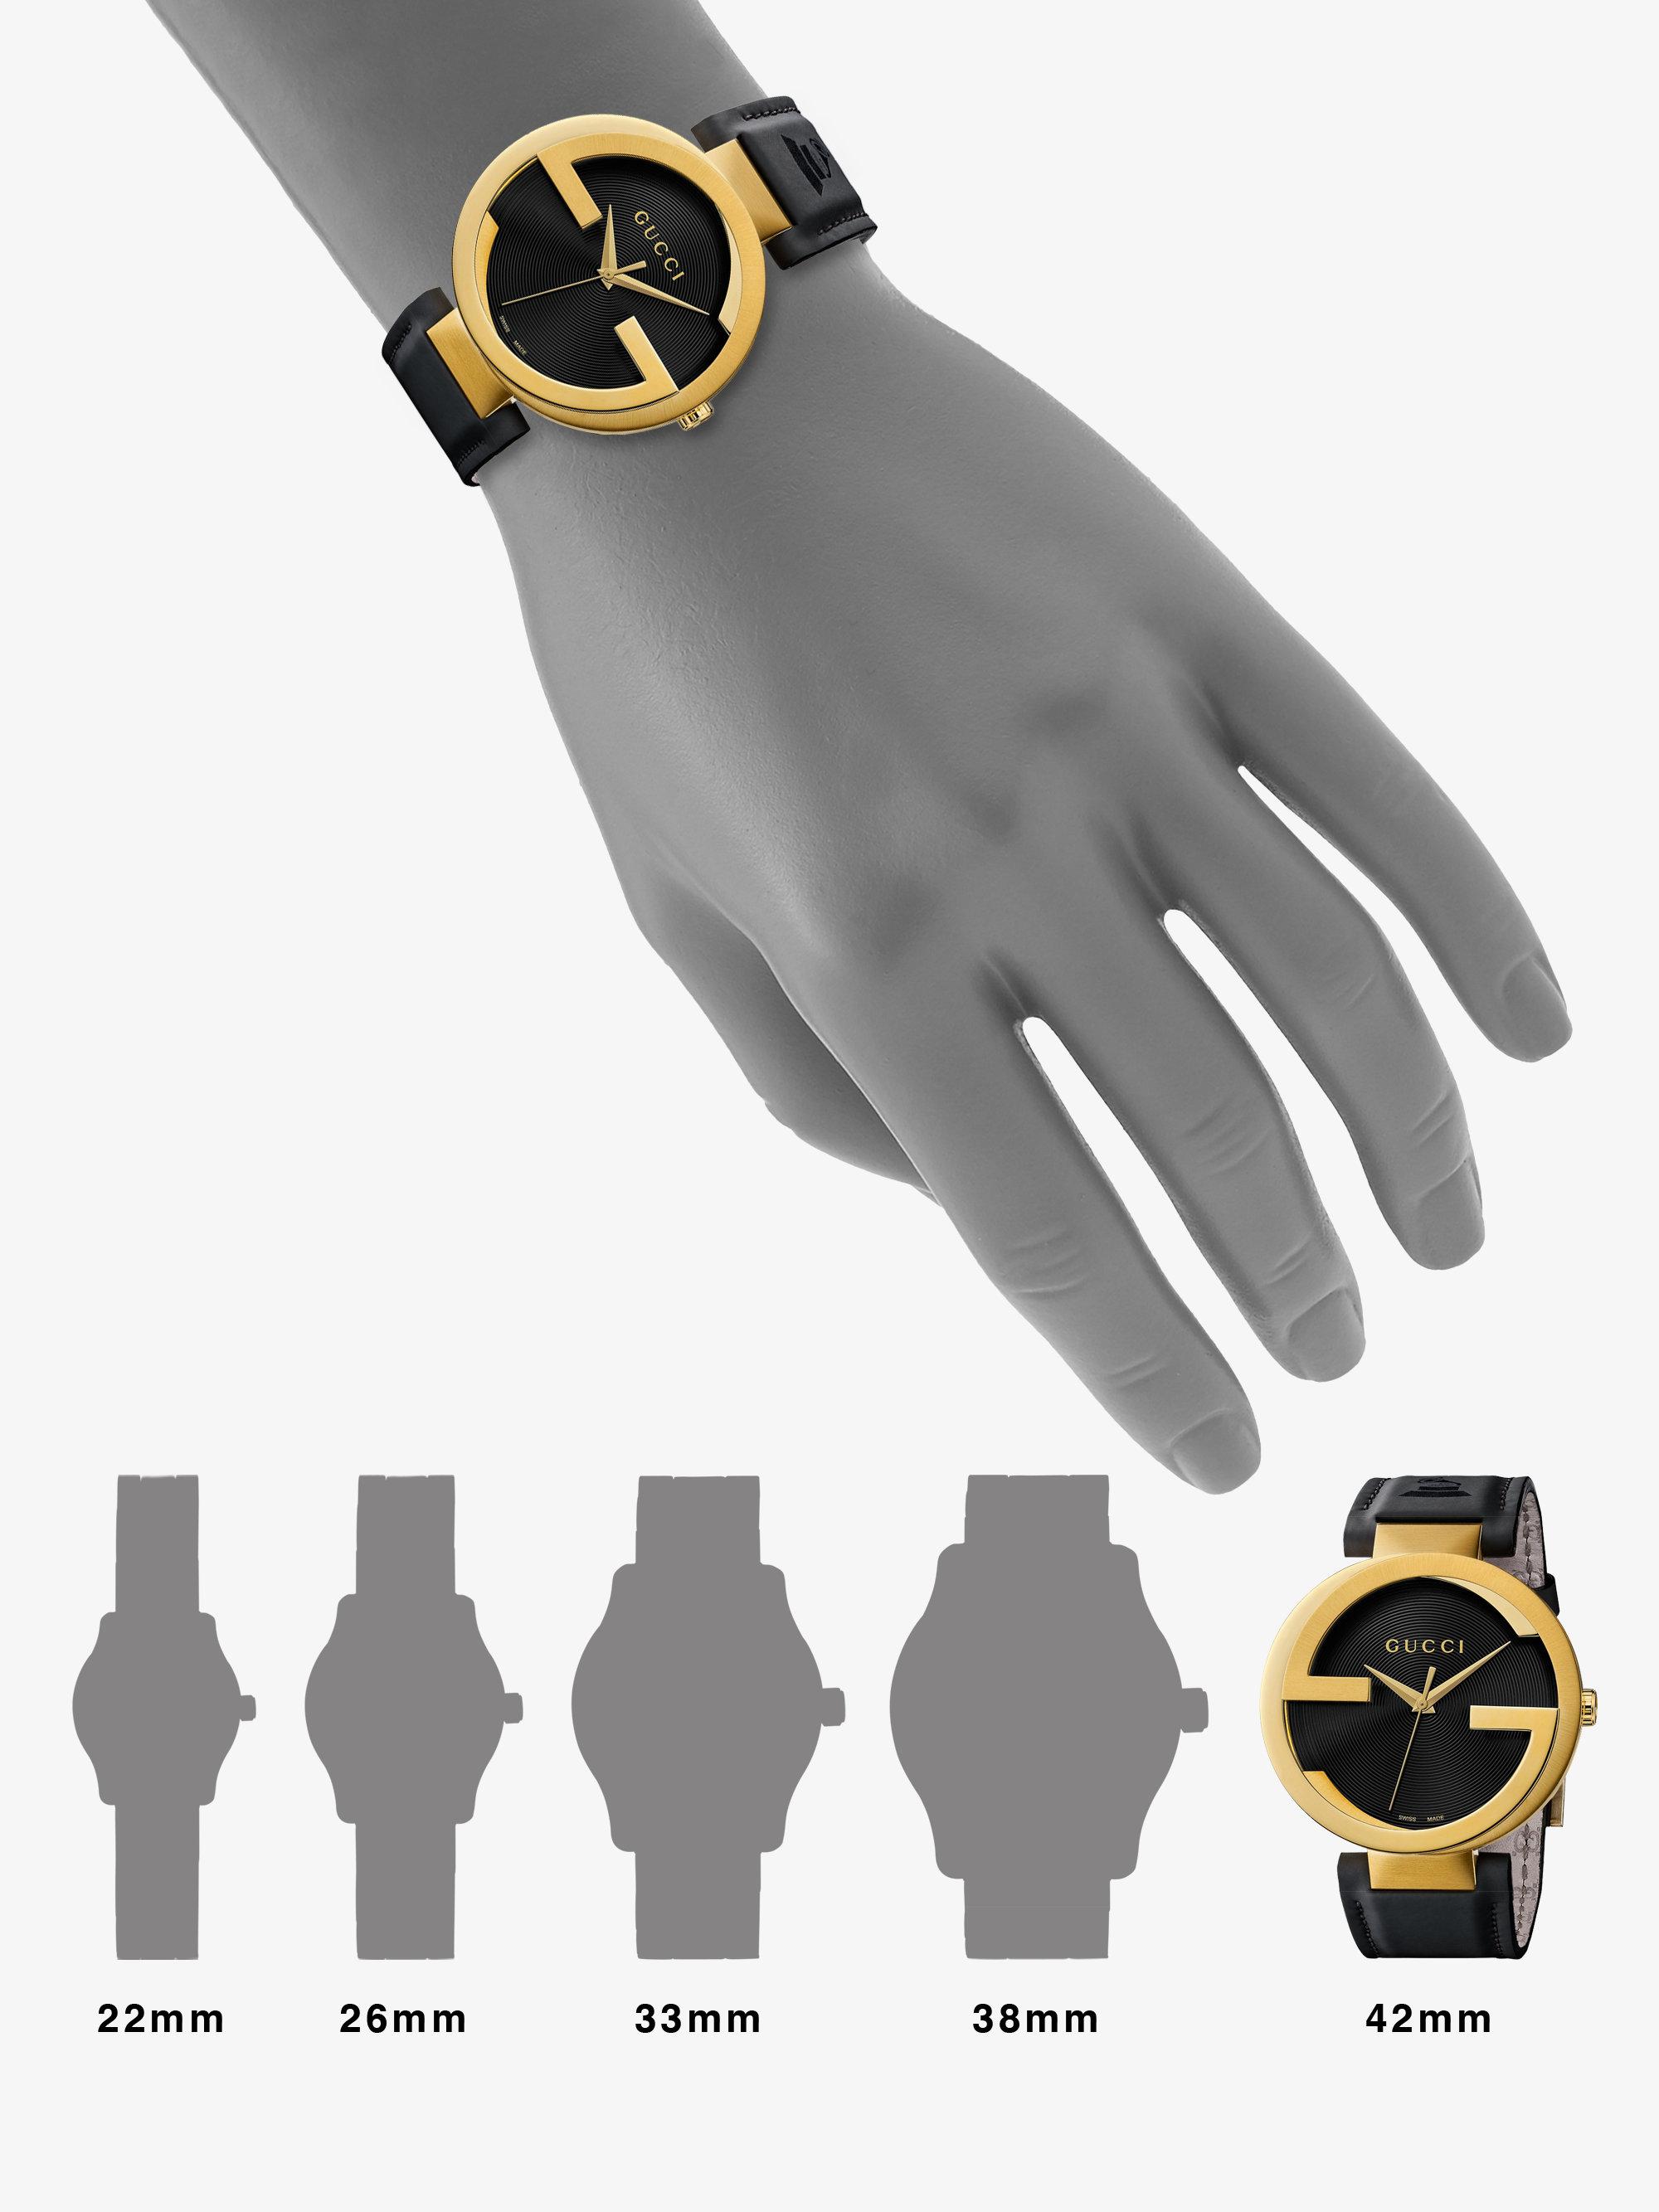 b15ef6060a1 Lyst - Gucci Interlocking G Latin Grammy  Special Edition Watch in ...